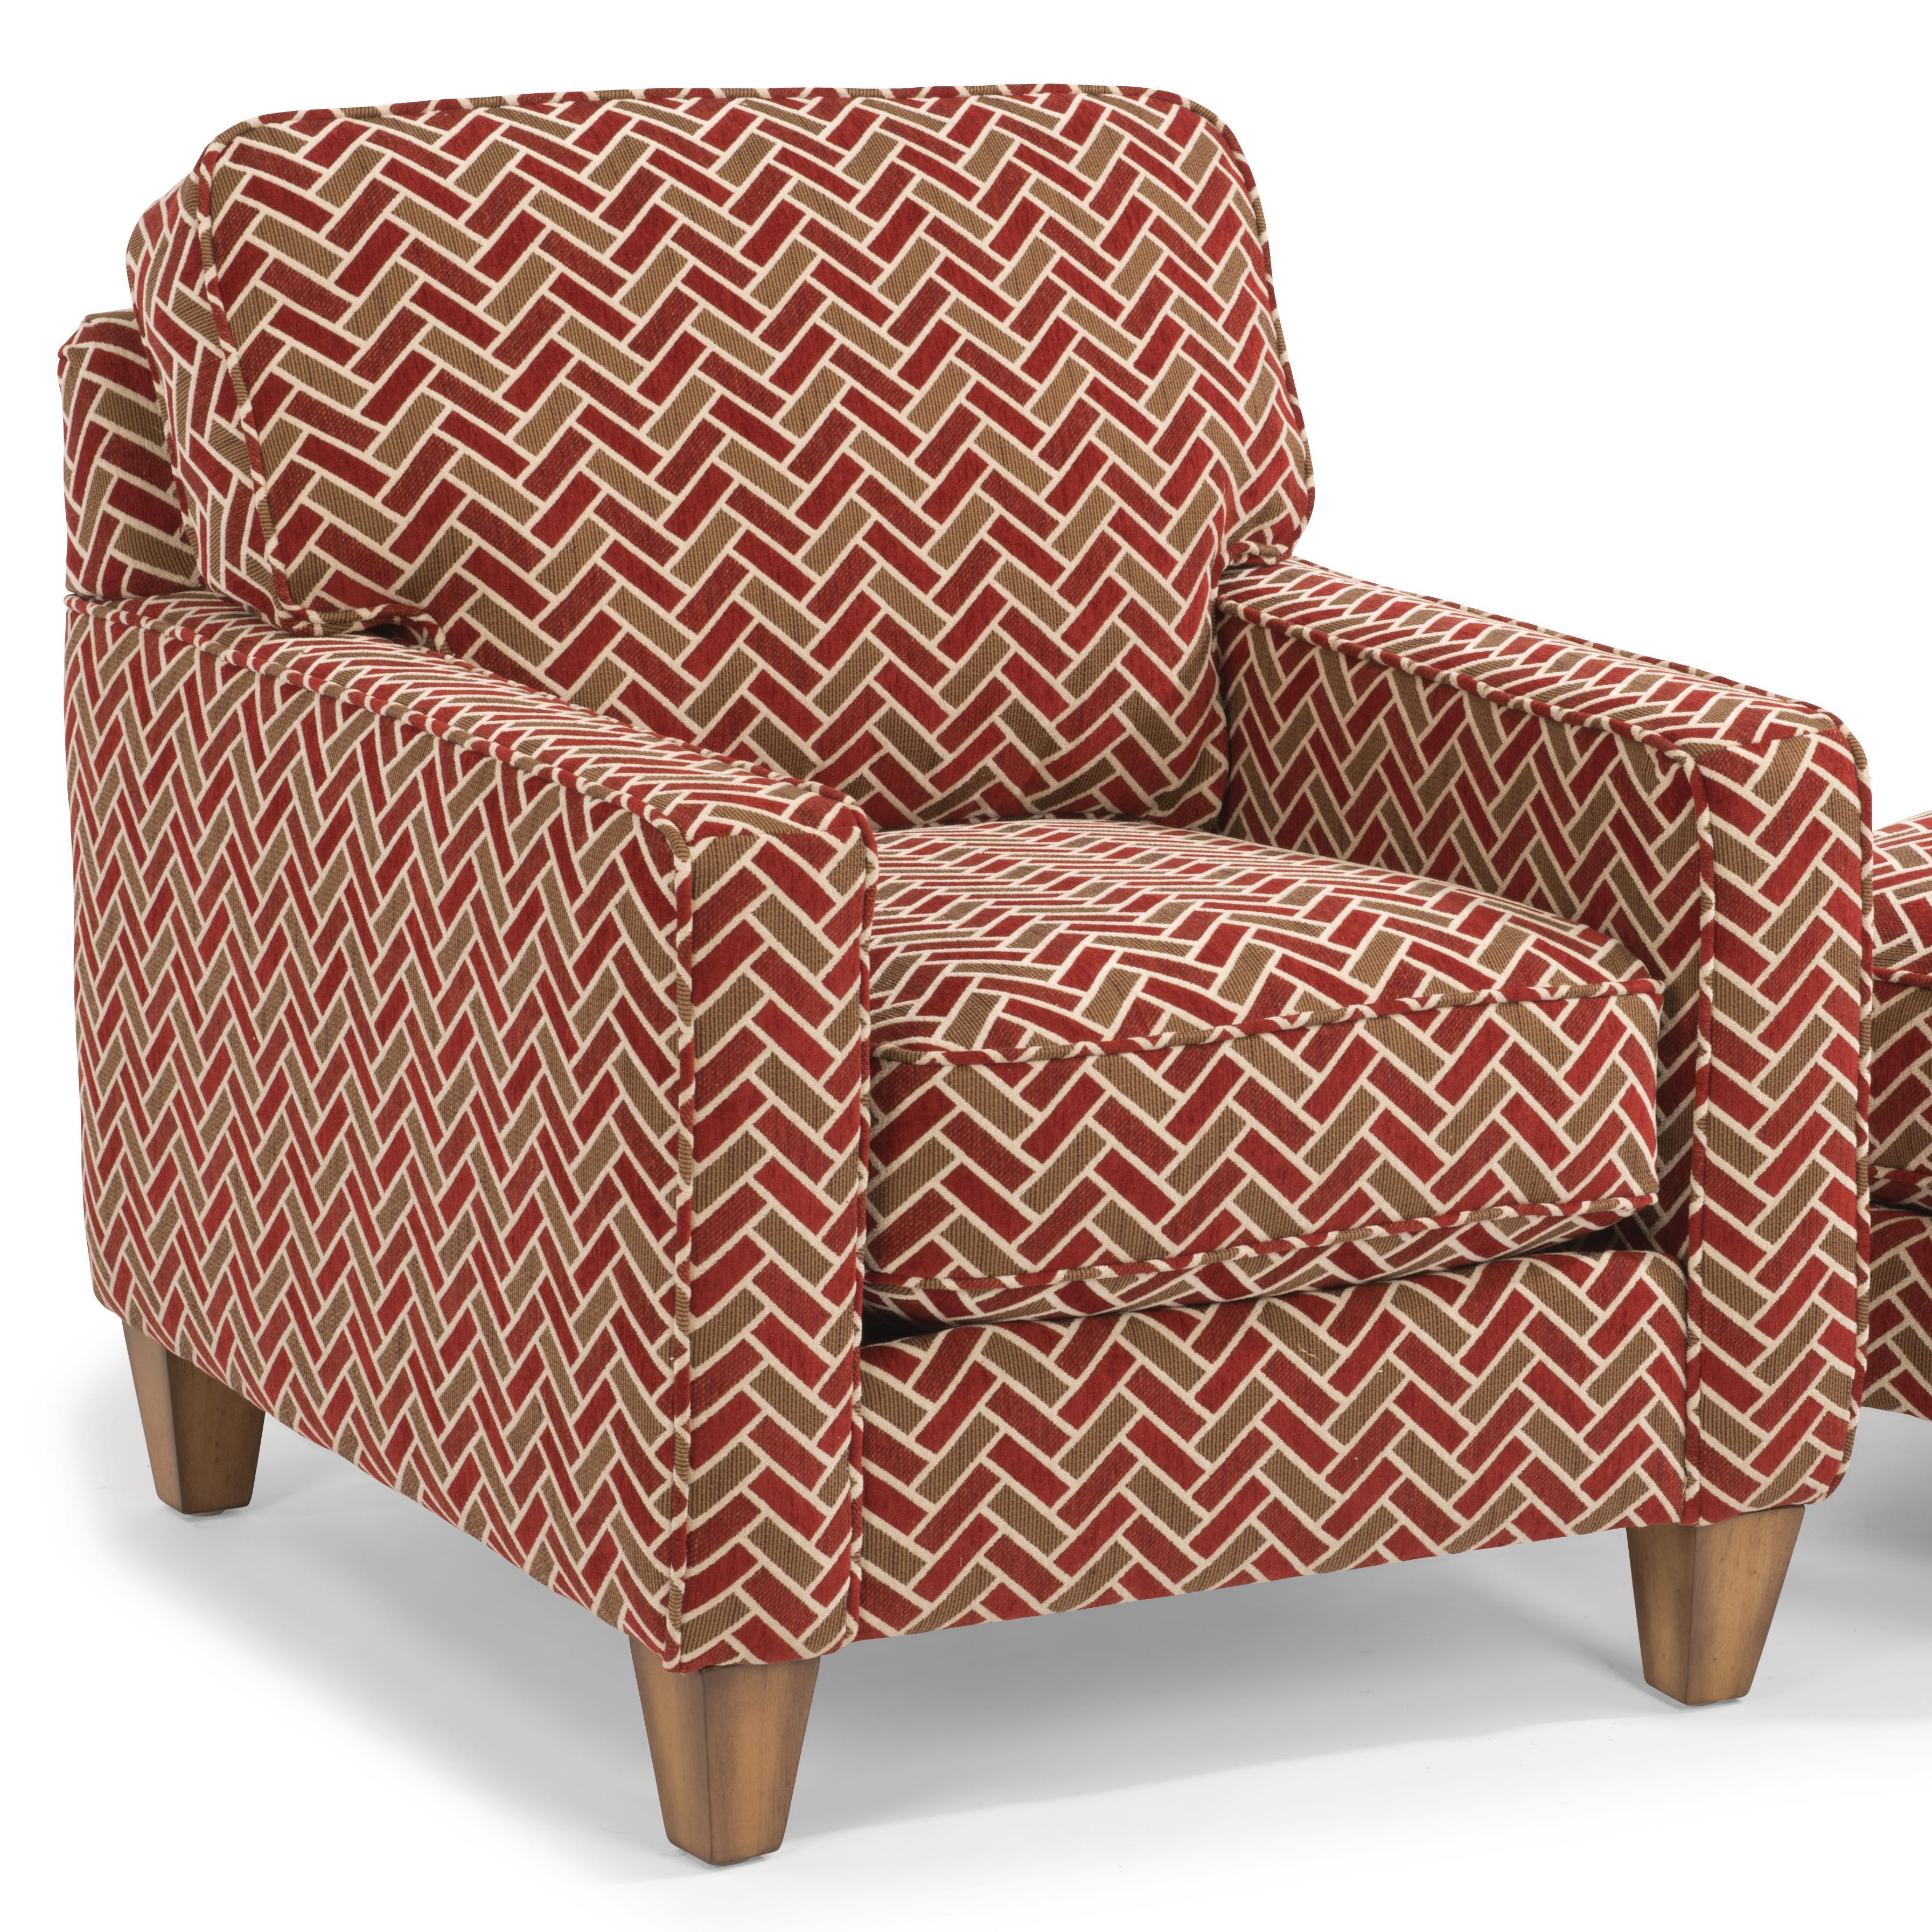 Flexsteel MacLeran Chair - Item Number: 5720-10-995-60